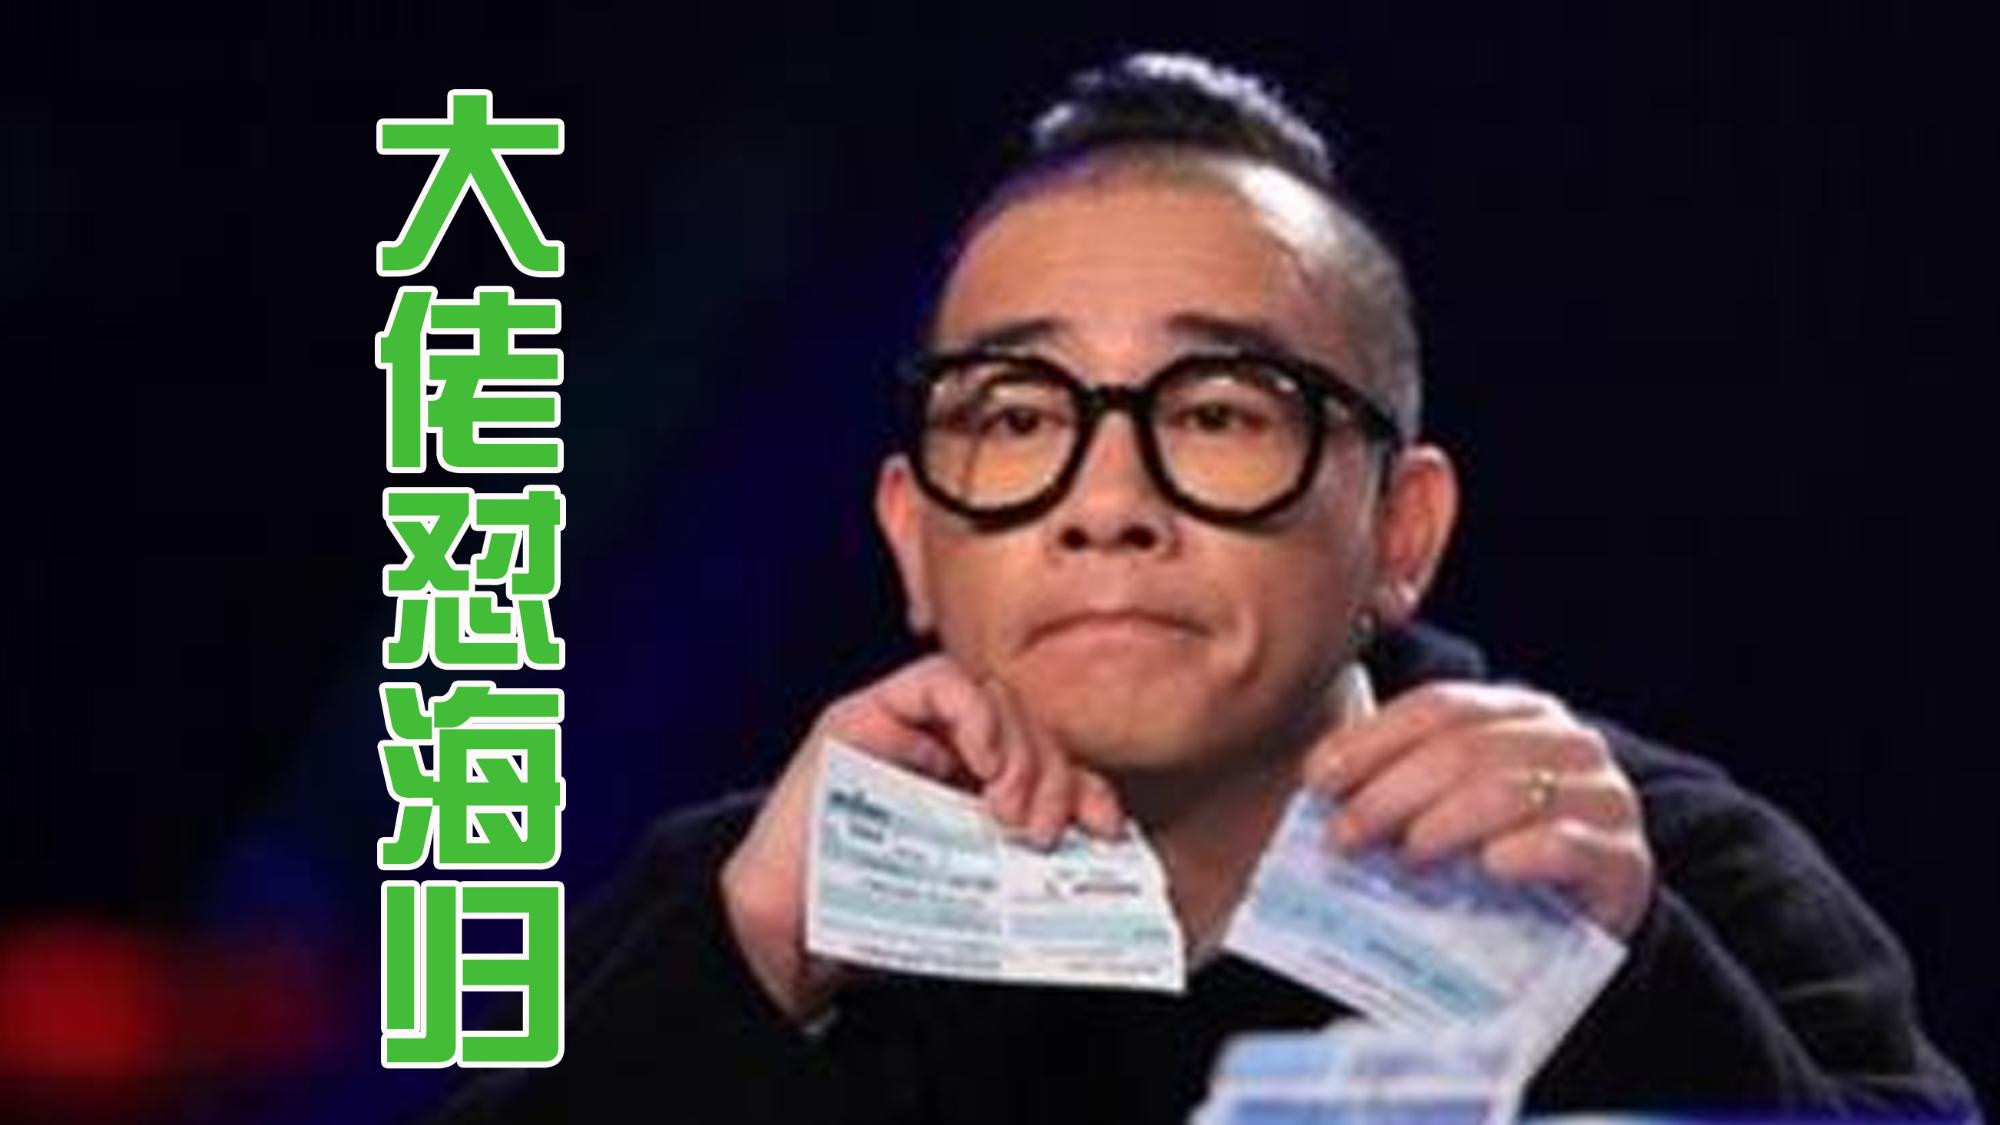 海归男故意炫耀身份,陈小春把票撕了也不给他!盘点大佬怼海归